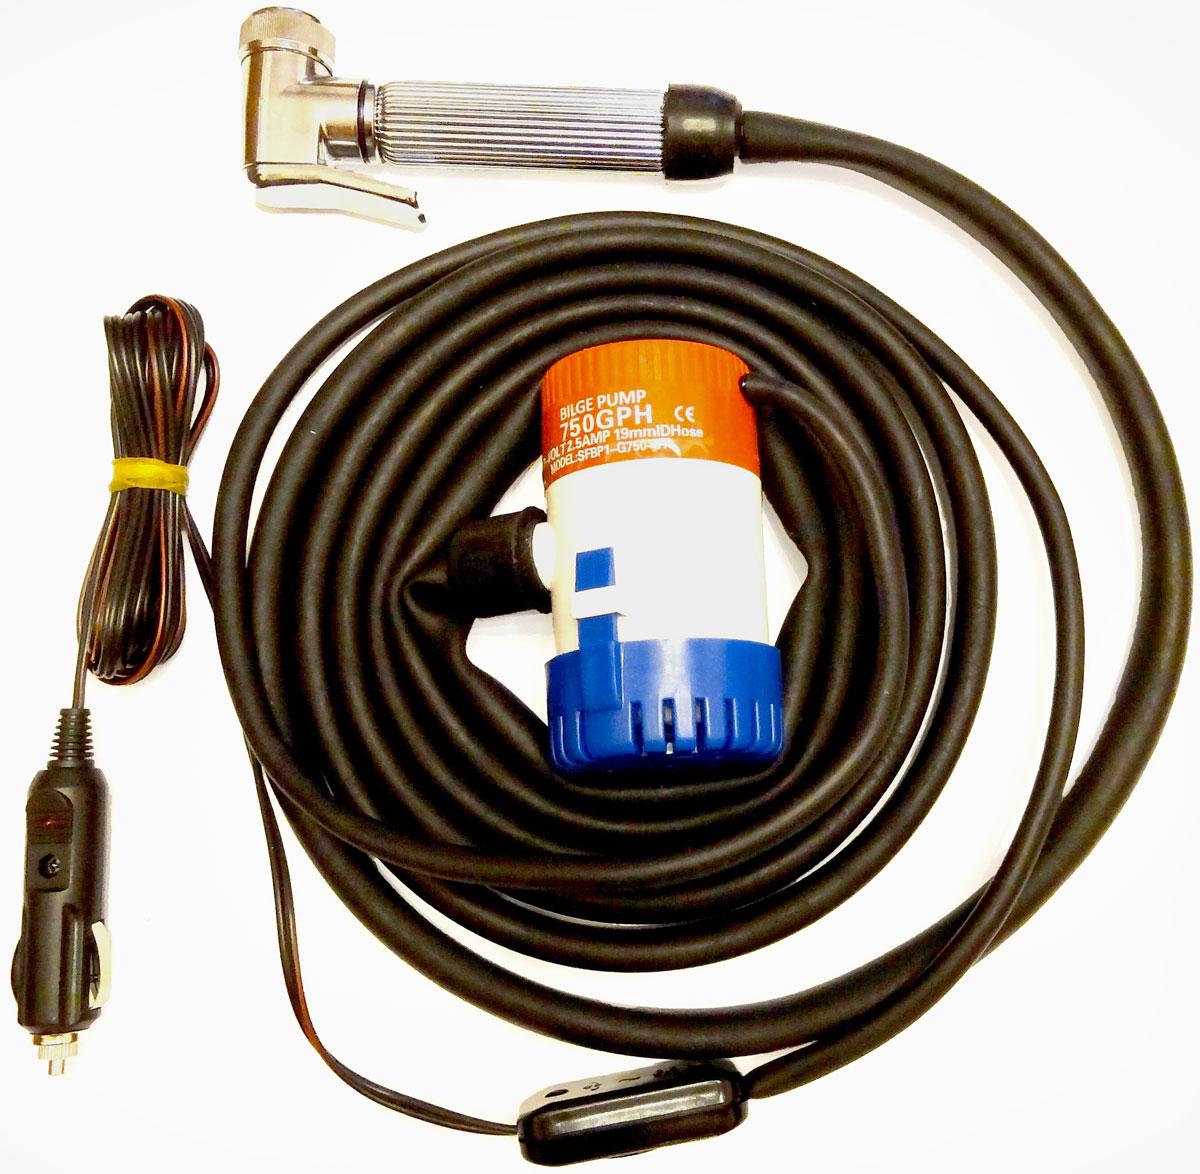 Минимойка Балио Лонгер-душ-компакт. М200М200Минимойки, работающие от прикуривателя - быстрый, надежный, аккуратный и экономный способ вымыть автомобиль, его двигатель и различные узлы, спрятанные под капотом. Автомобиль можно мыть и в зимний период. Американская помпа. Срок службы: 5-7 лет. Режим работы - продолжительный. Насадка - хромированный душ с регулятором расхода воды.